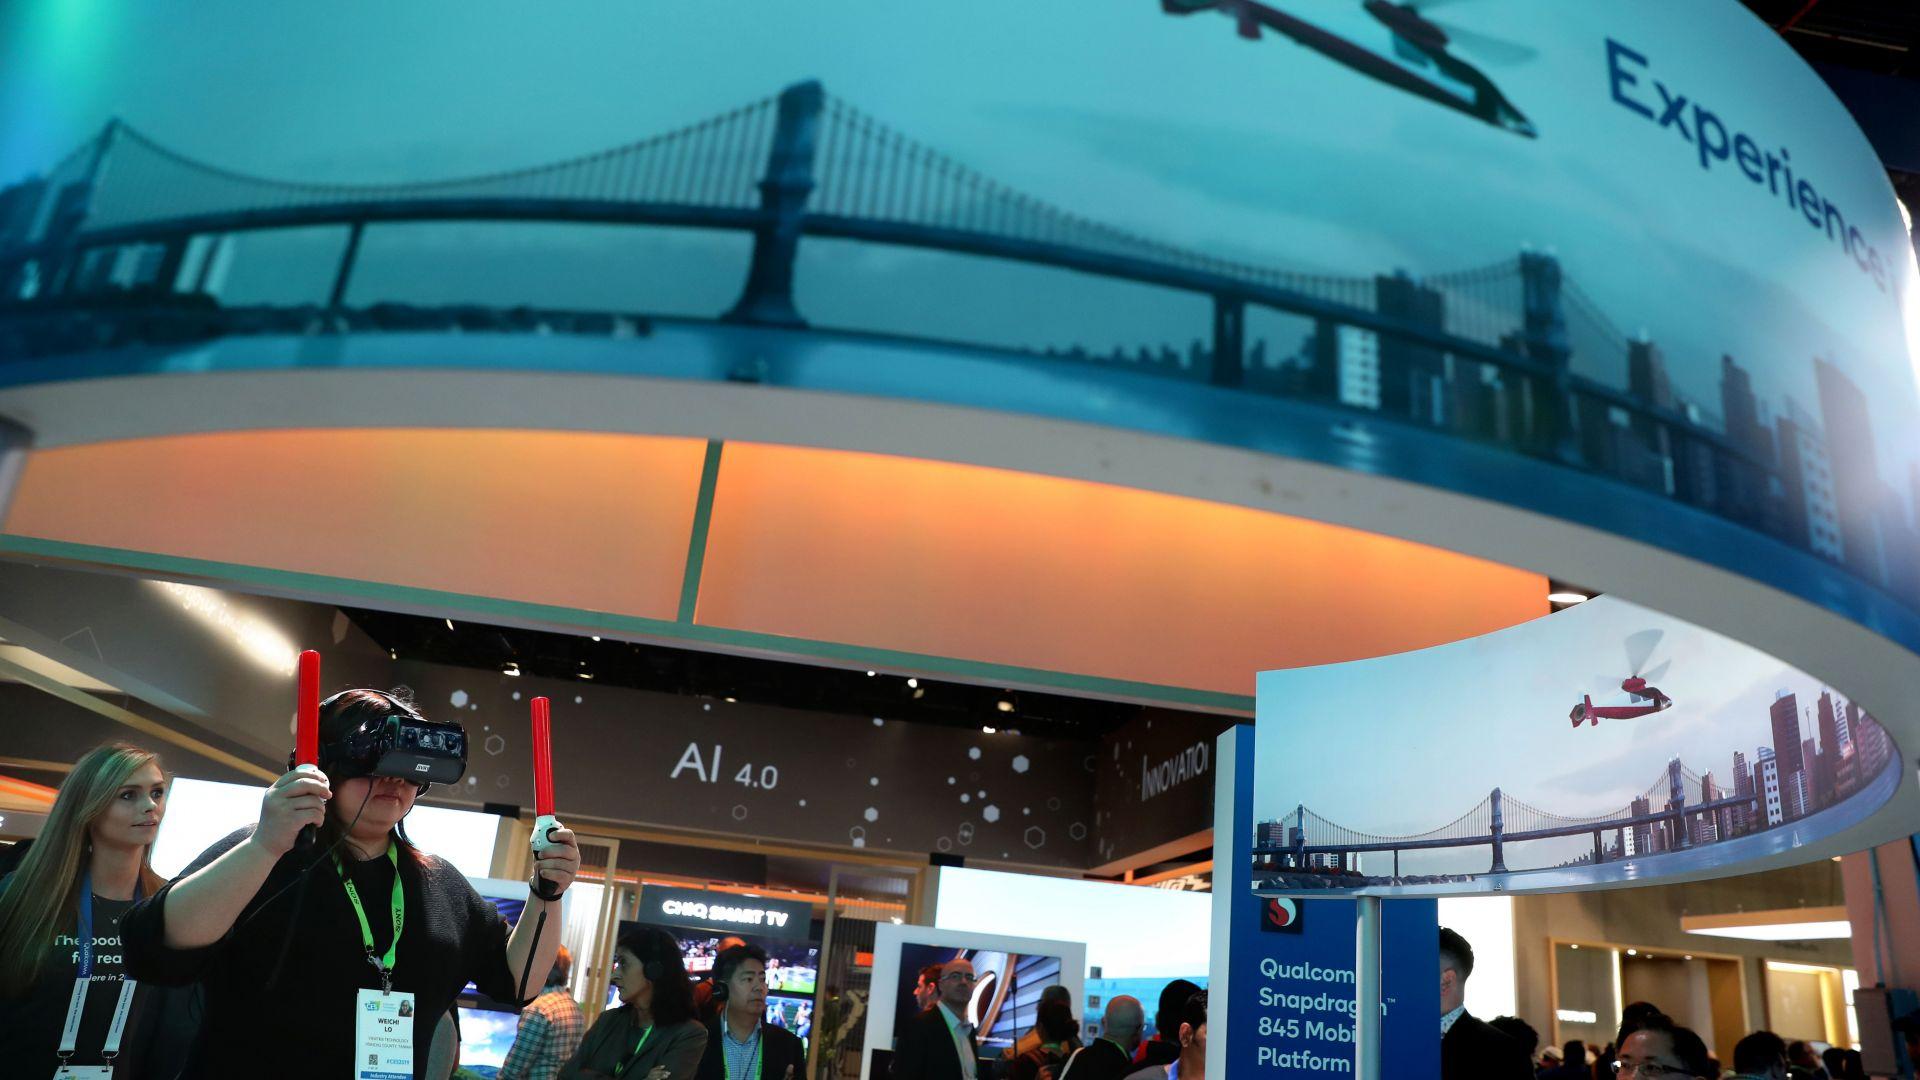 По-големи, по-умни, по-лични - предложенията на технологичното изложение в Лас Вегас